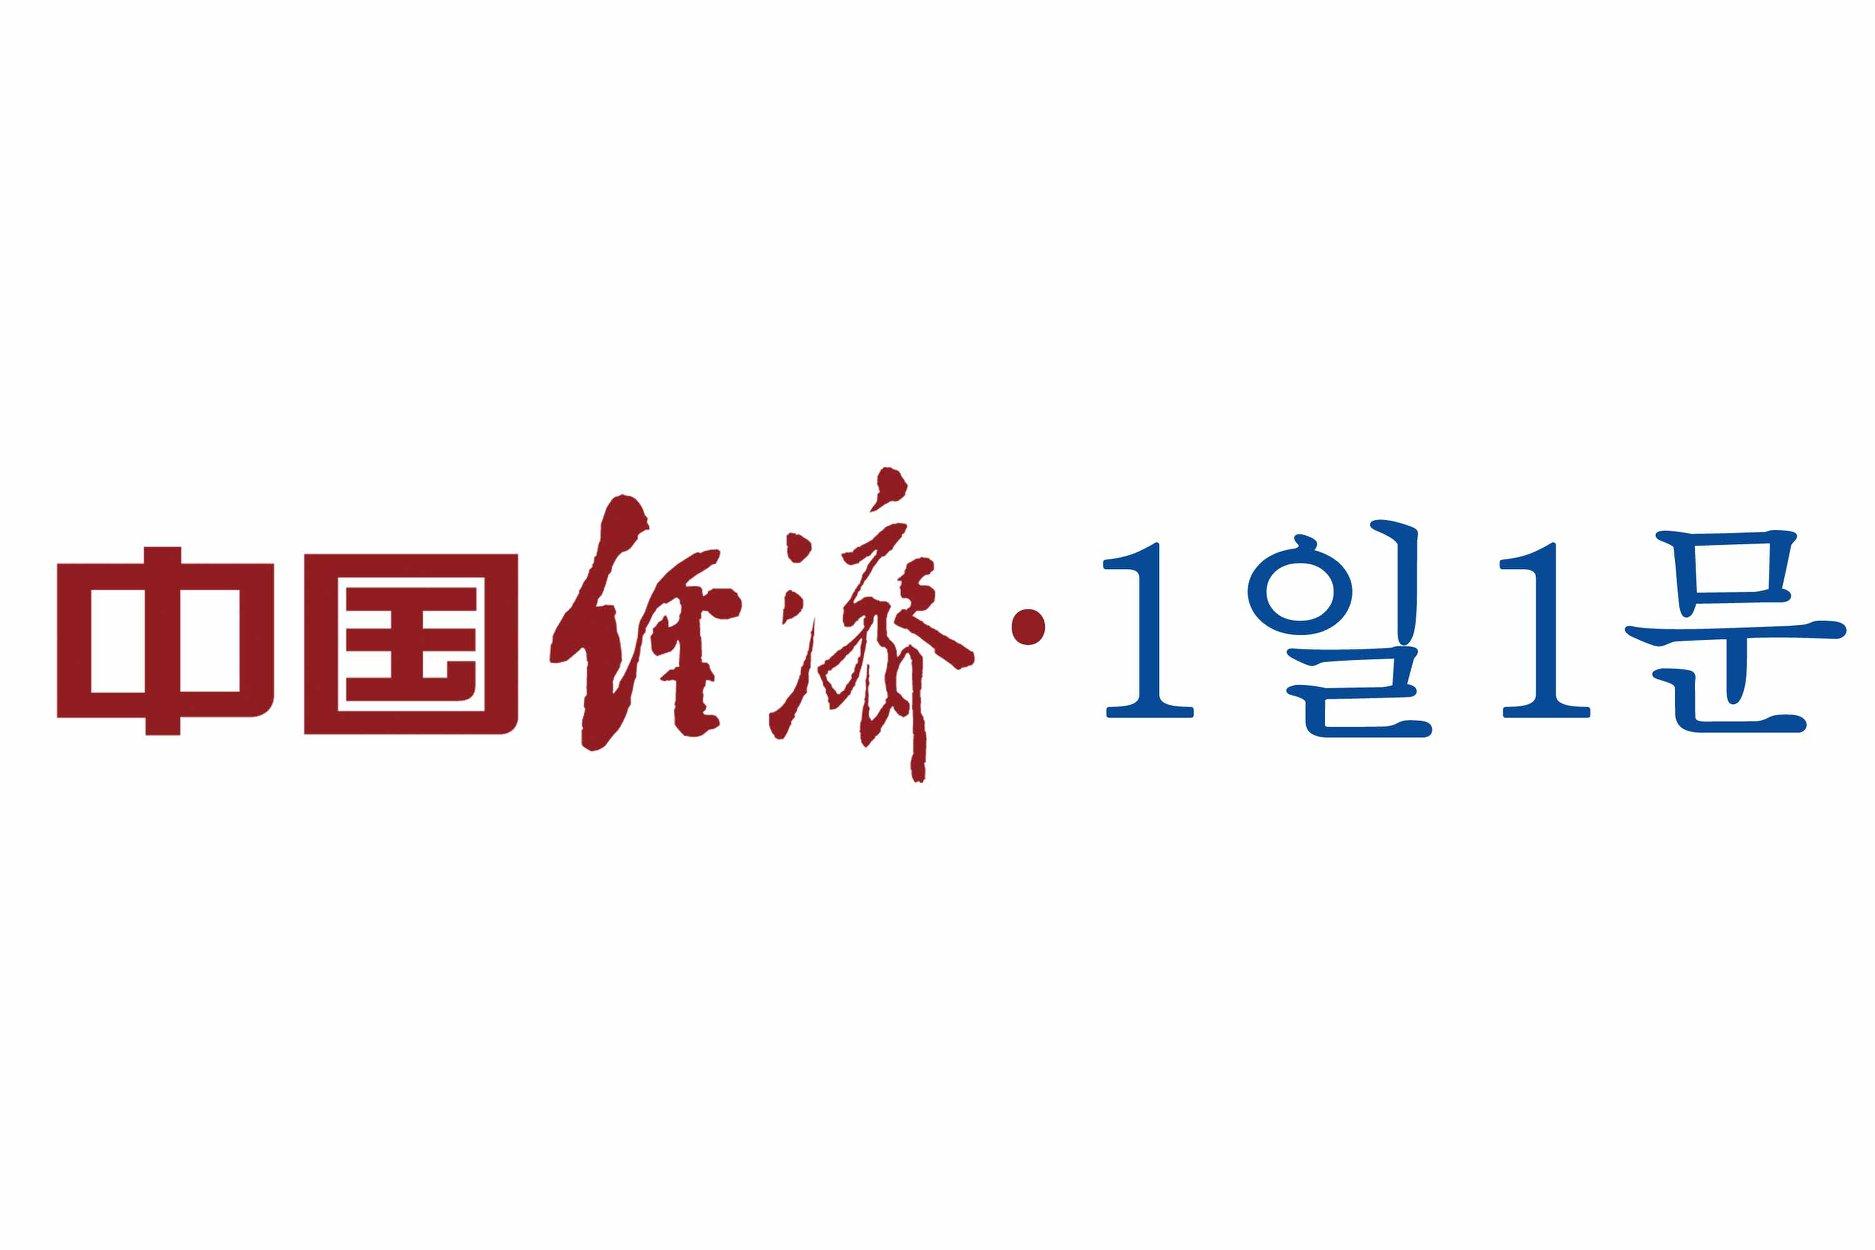 [중국경제 1일1문] 전세계 메모리 반도체 시장의 호황 중단...한국 기업은 연착륙에 성공할 수 있을까?